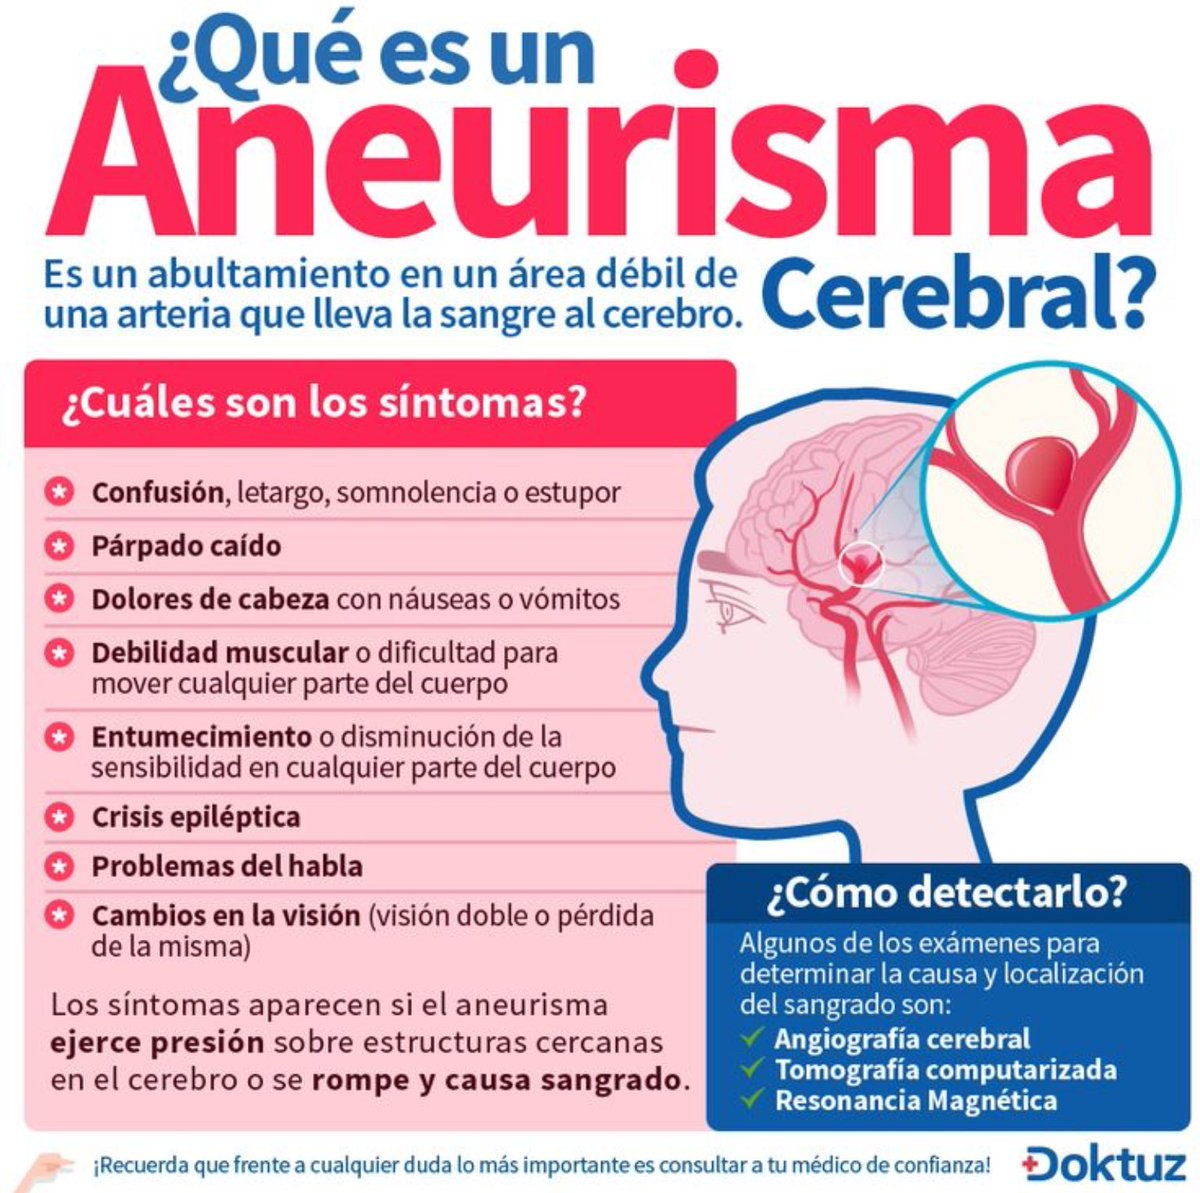 RT @NoInvisibles: ¿Qué es un #aneurisma cerebral? Gracias @Doktuz_Espanol https://t.co/gqdzYkObqi